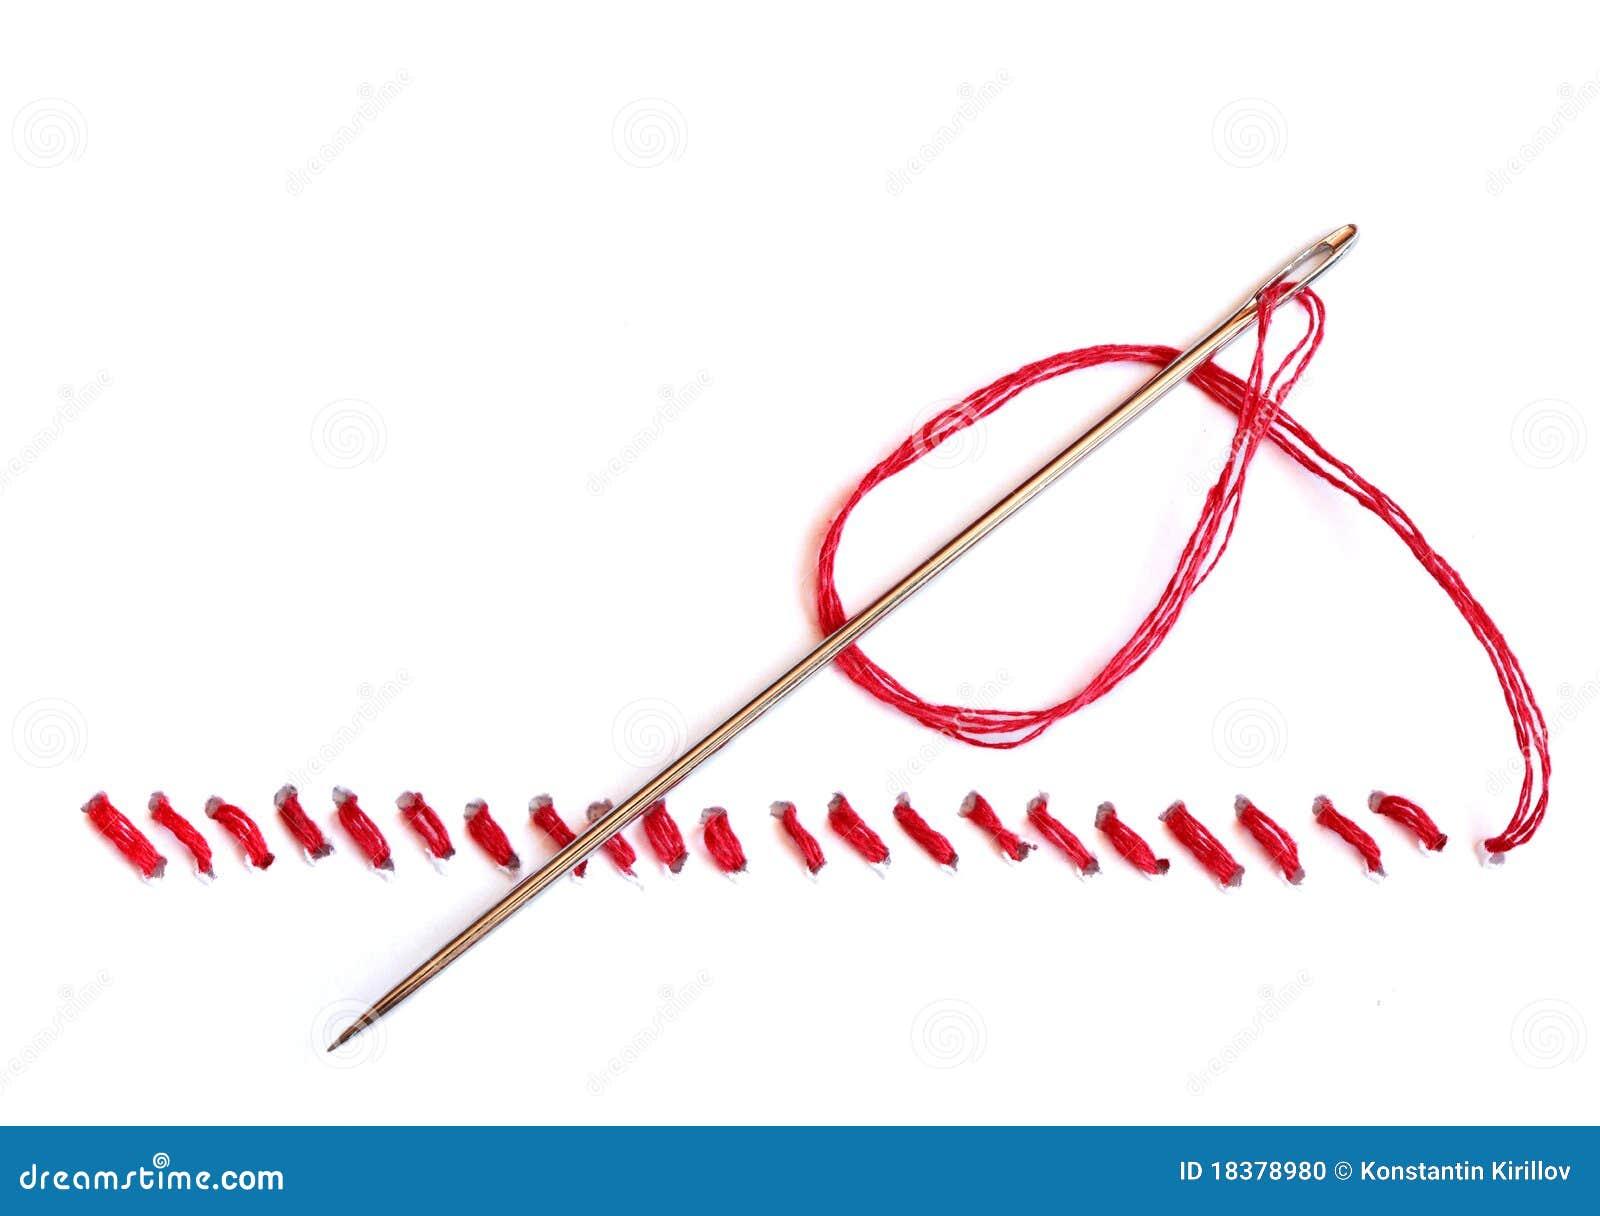 用针缝嘴的刑罚有那些_针缝